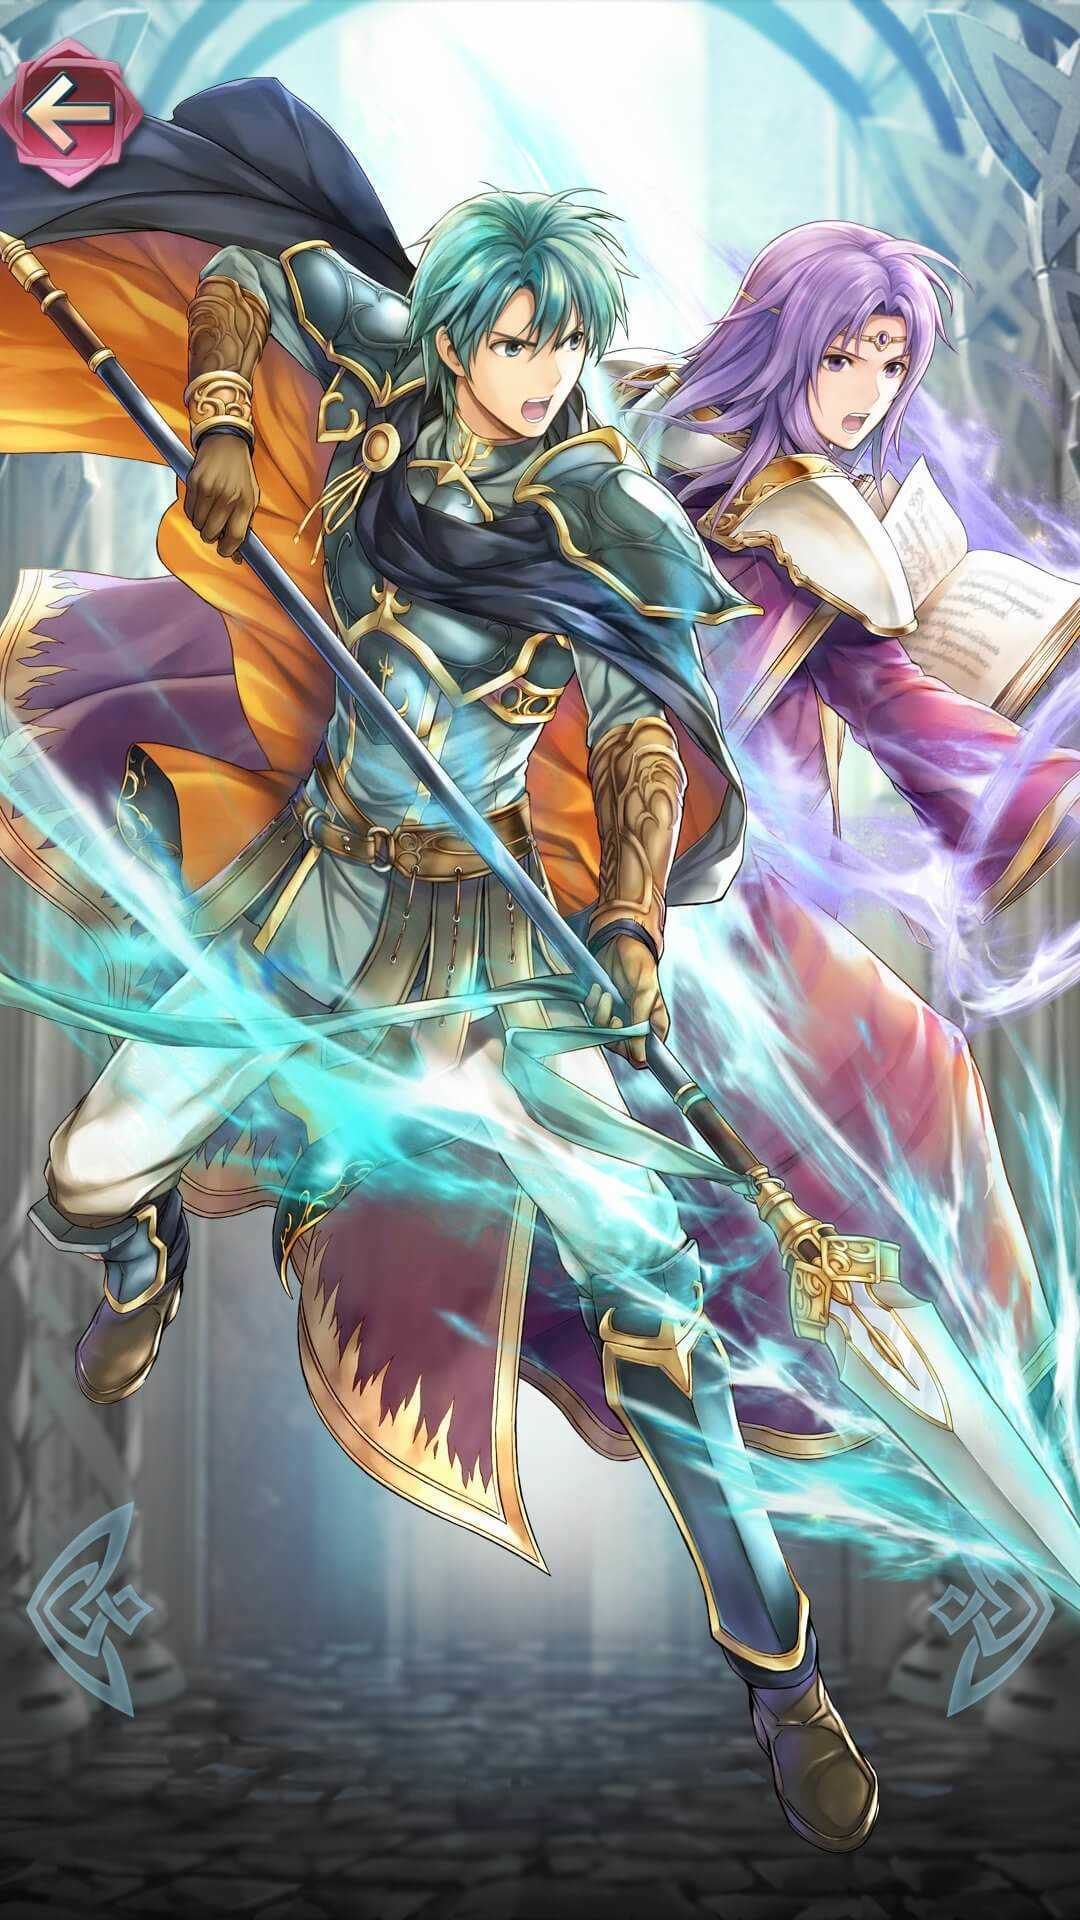 エフラム(比翼の王子と皇子)の立ち絵